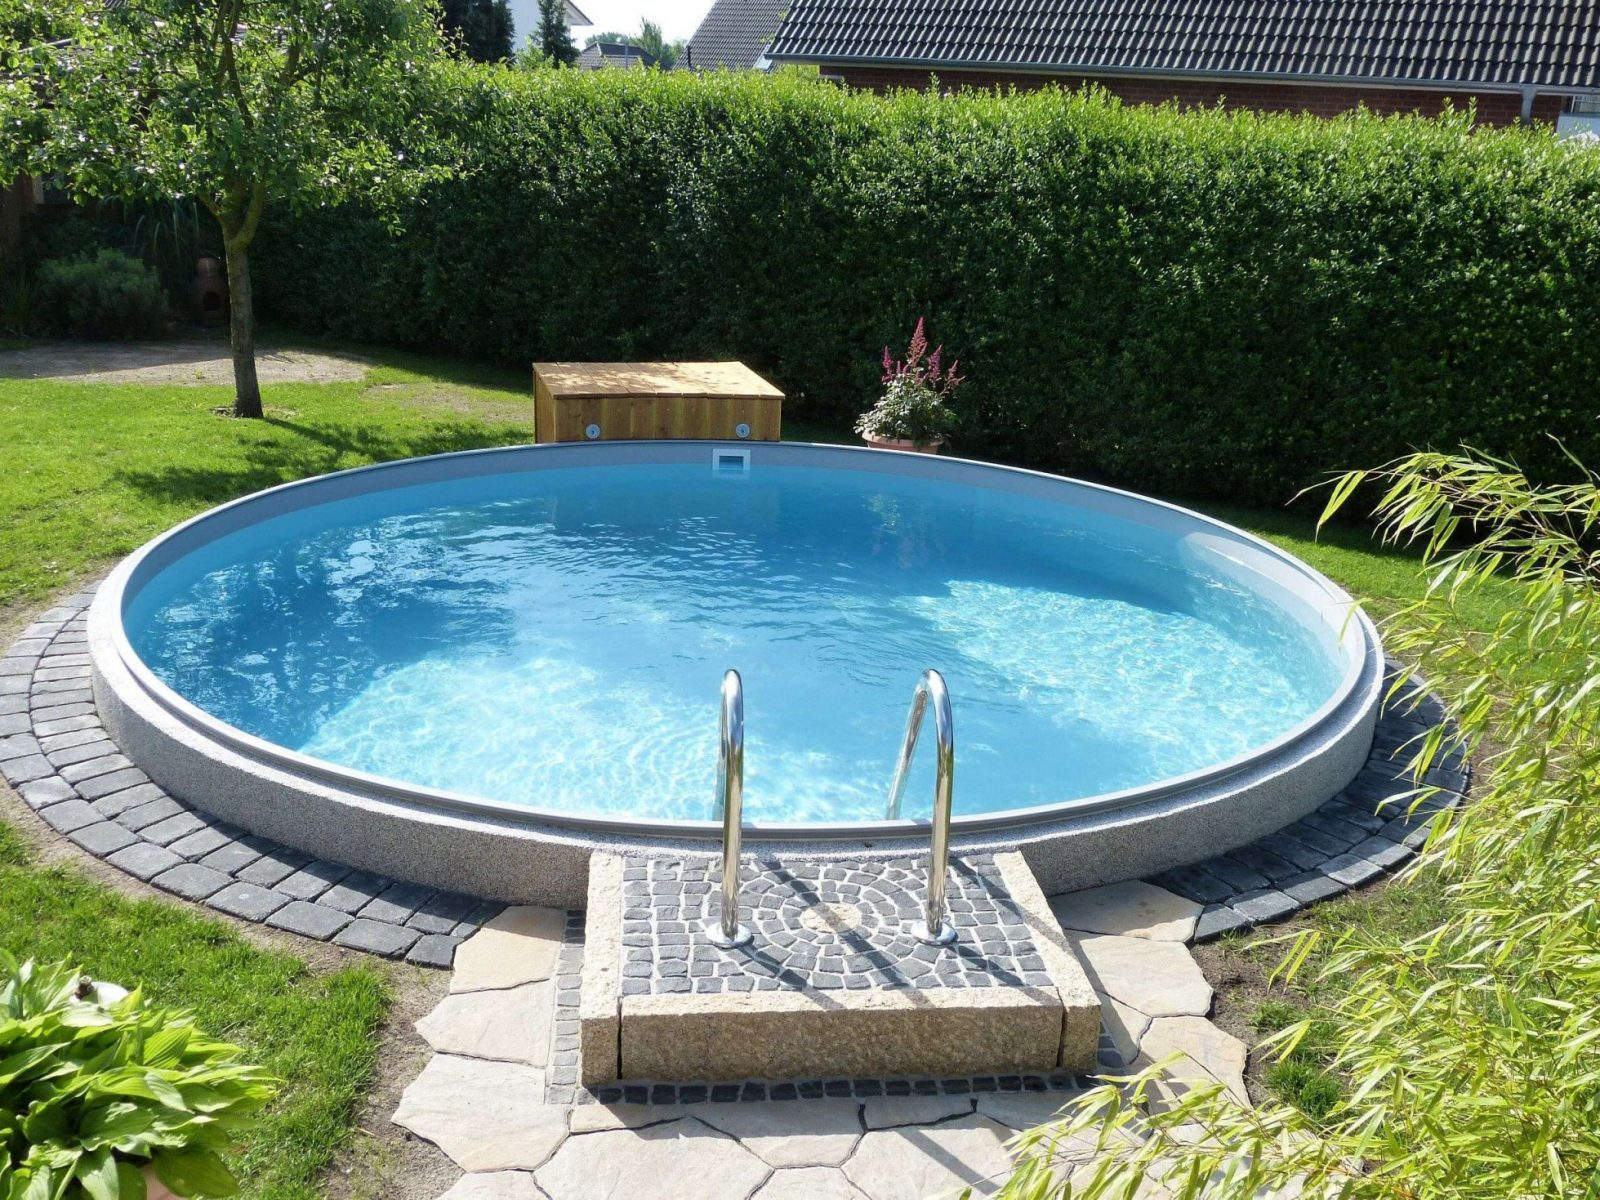 Whirlpool Garten Holz Luxus 42 Das Beste Von Pool Mit von Whirlpool Selber Bauen Holz Bild